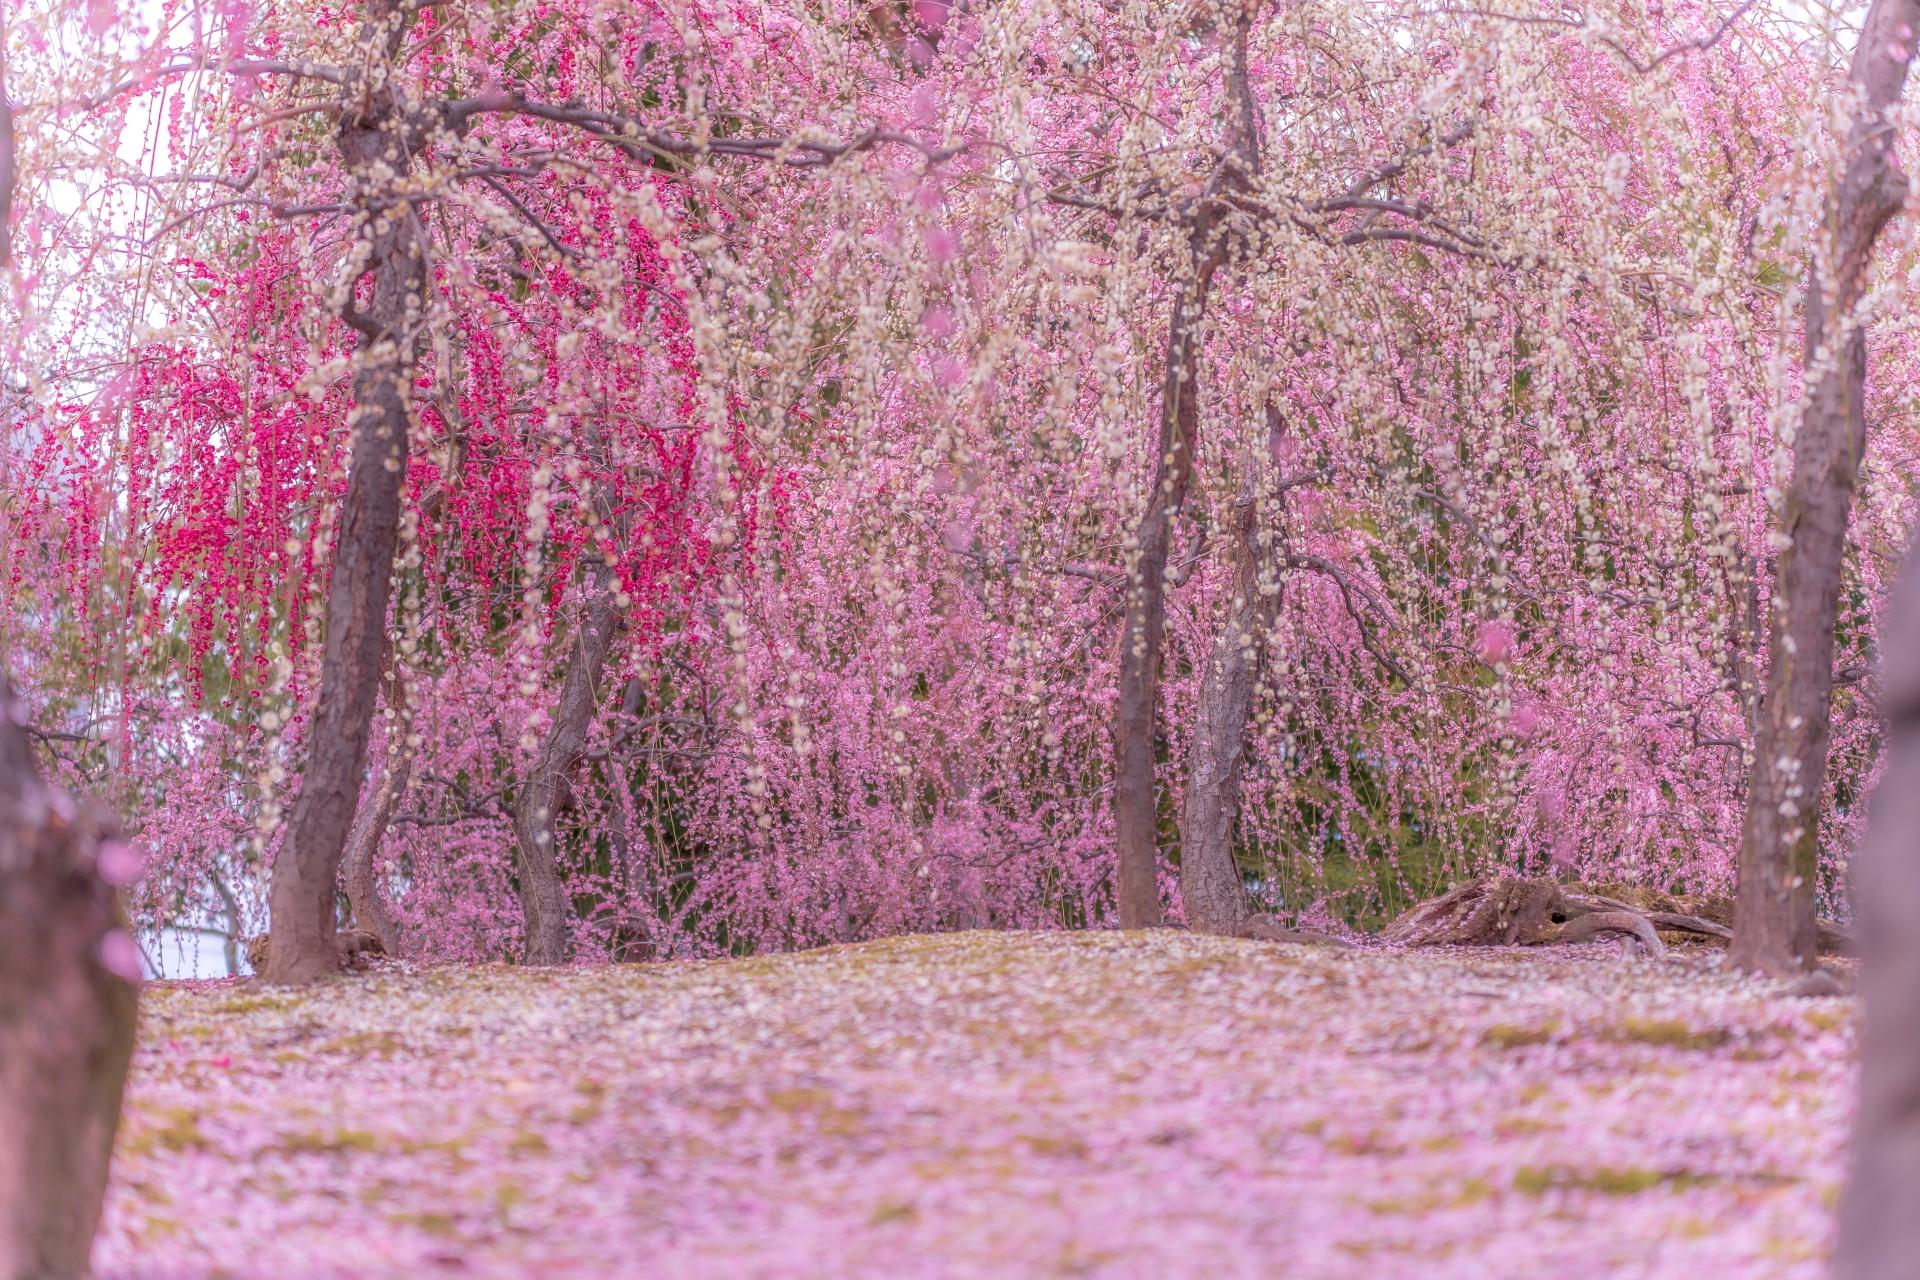 3264186_m 京都 城南宮(庭園に咲く150本の枝垂梅が絶景の写真スポット! 撮影した写真の紹介、アクセス情報や交通手段・駐車場情報などまとめ)